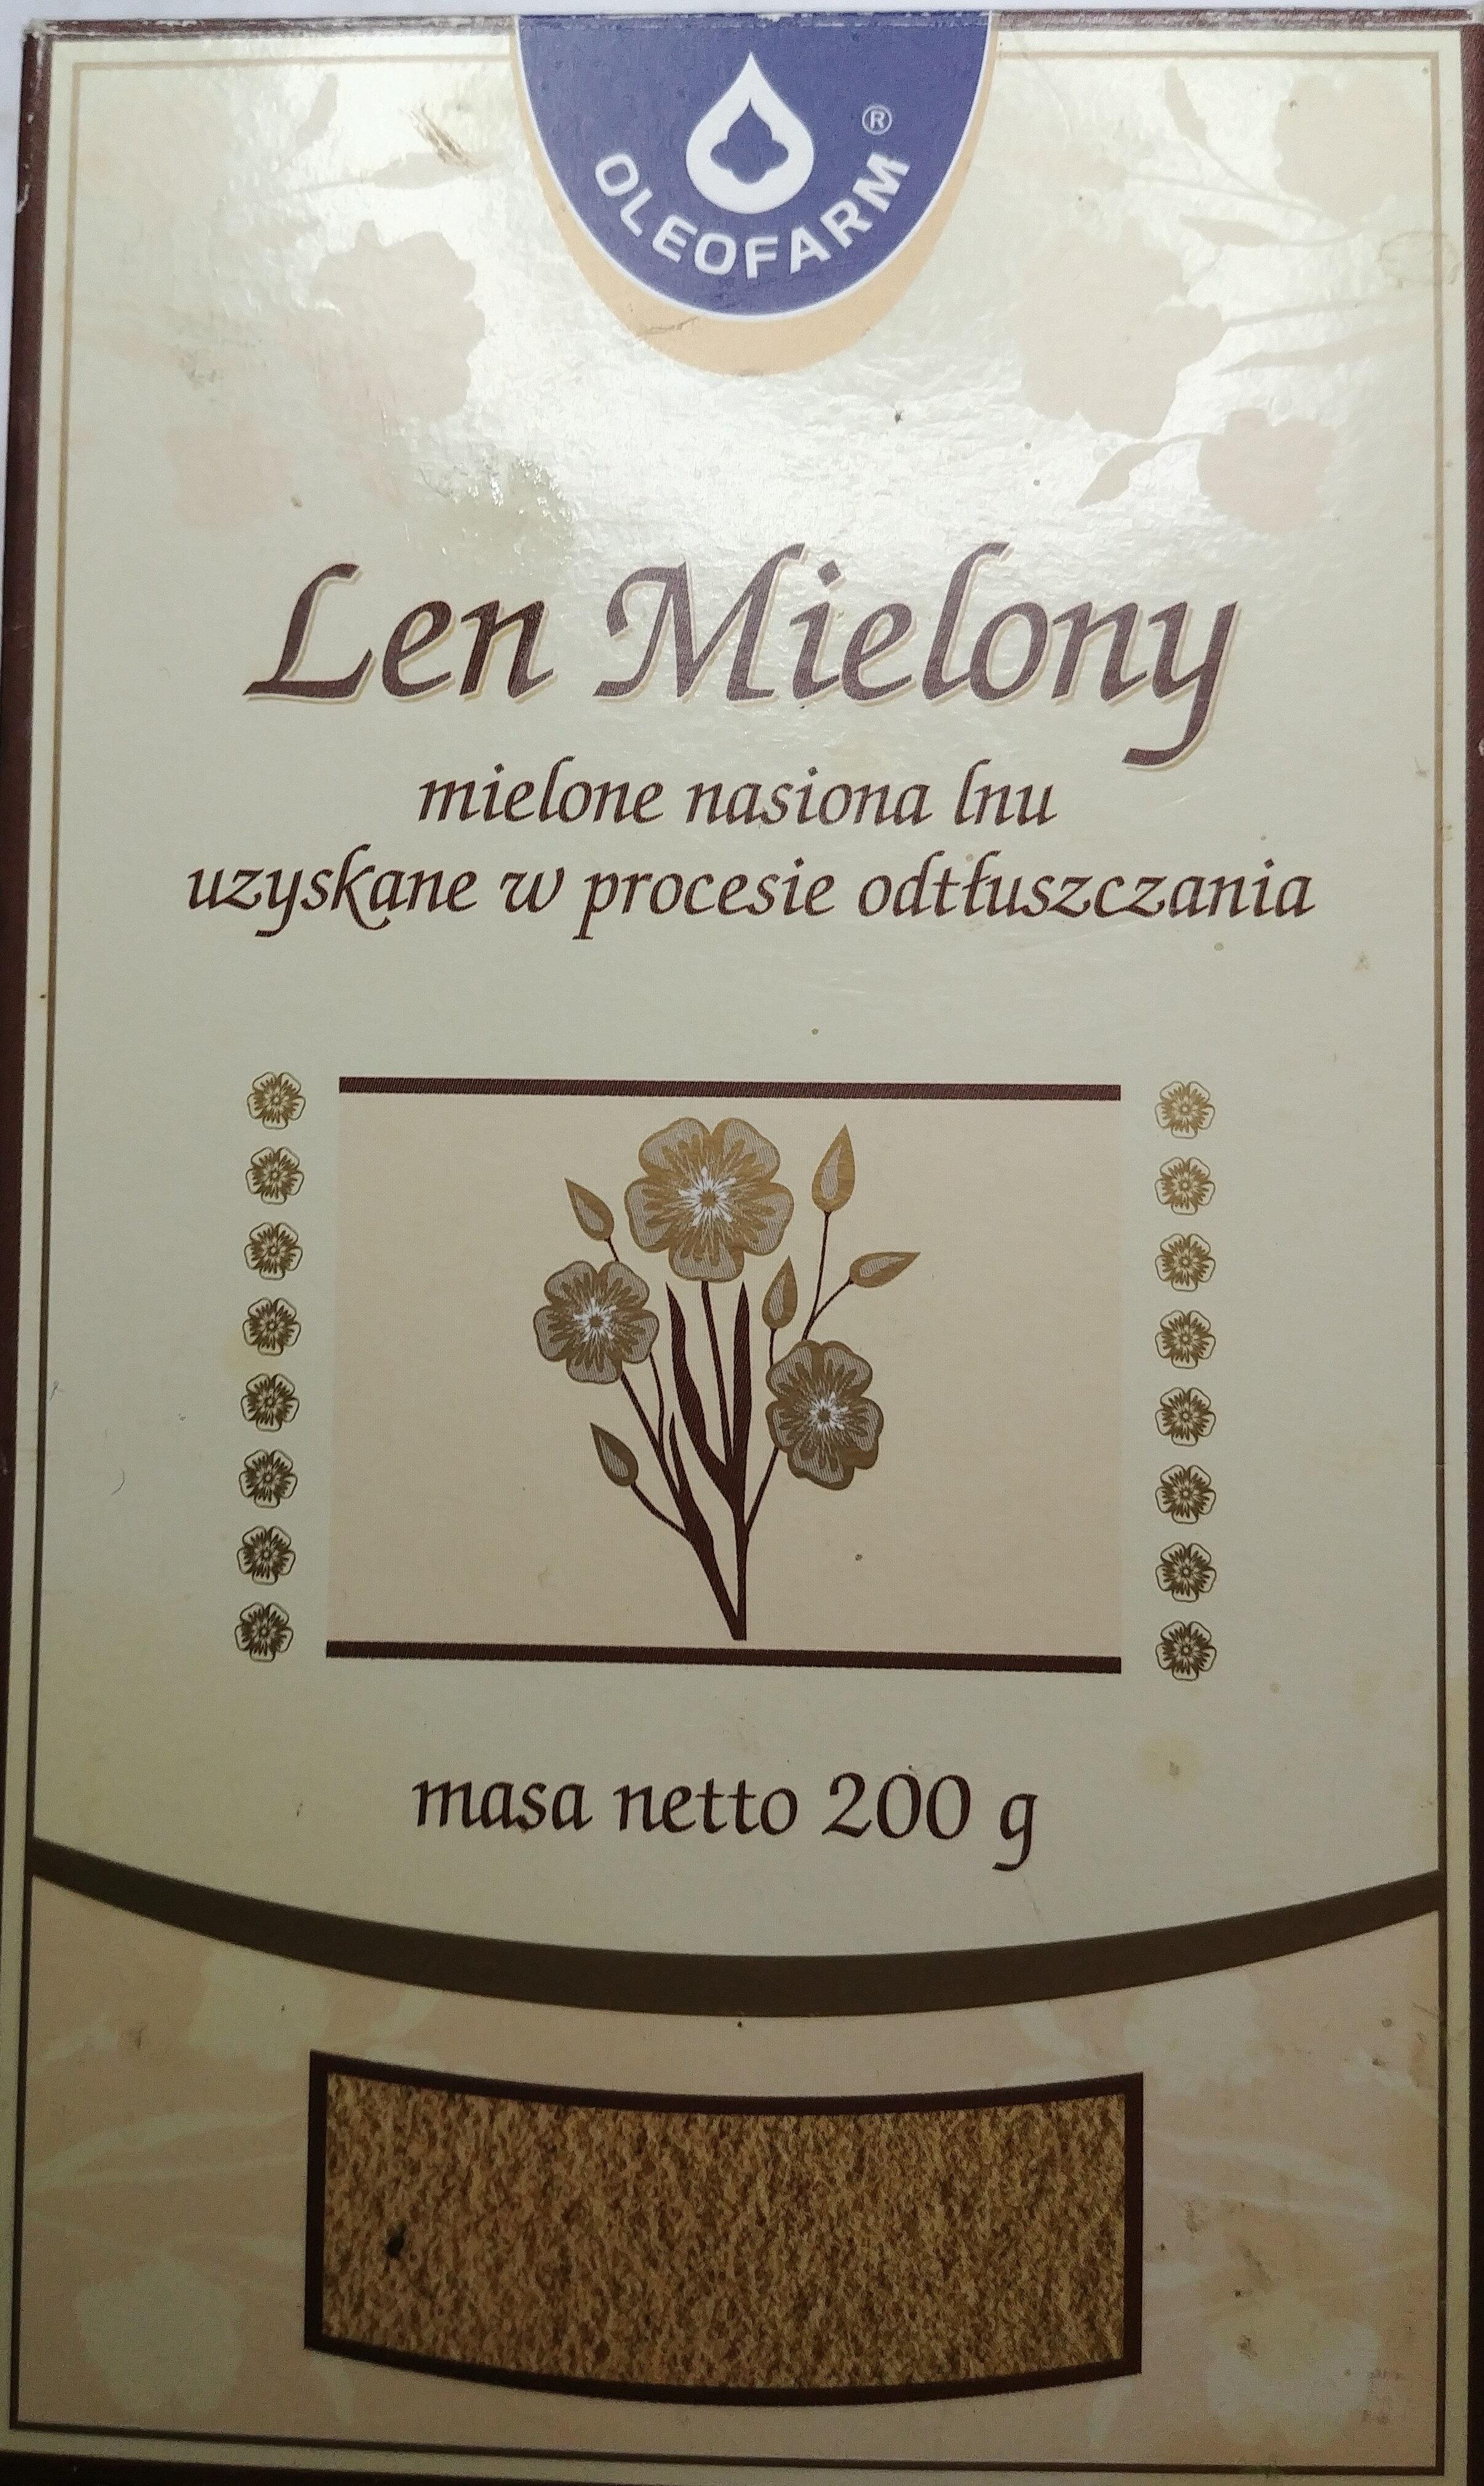 Len mielony - Product - pl